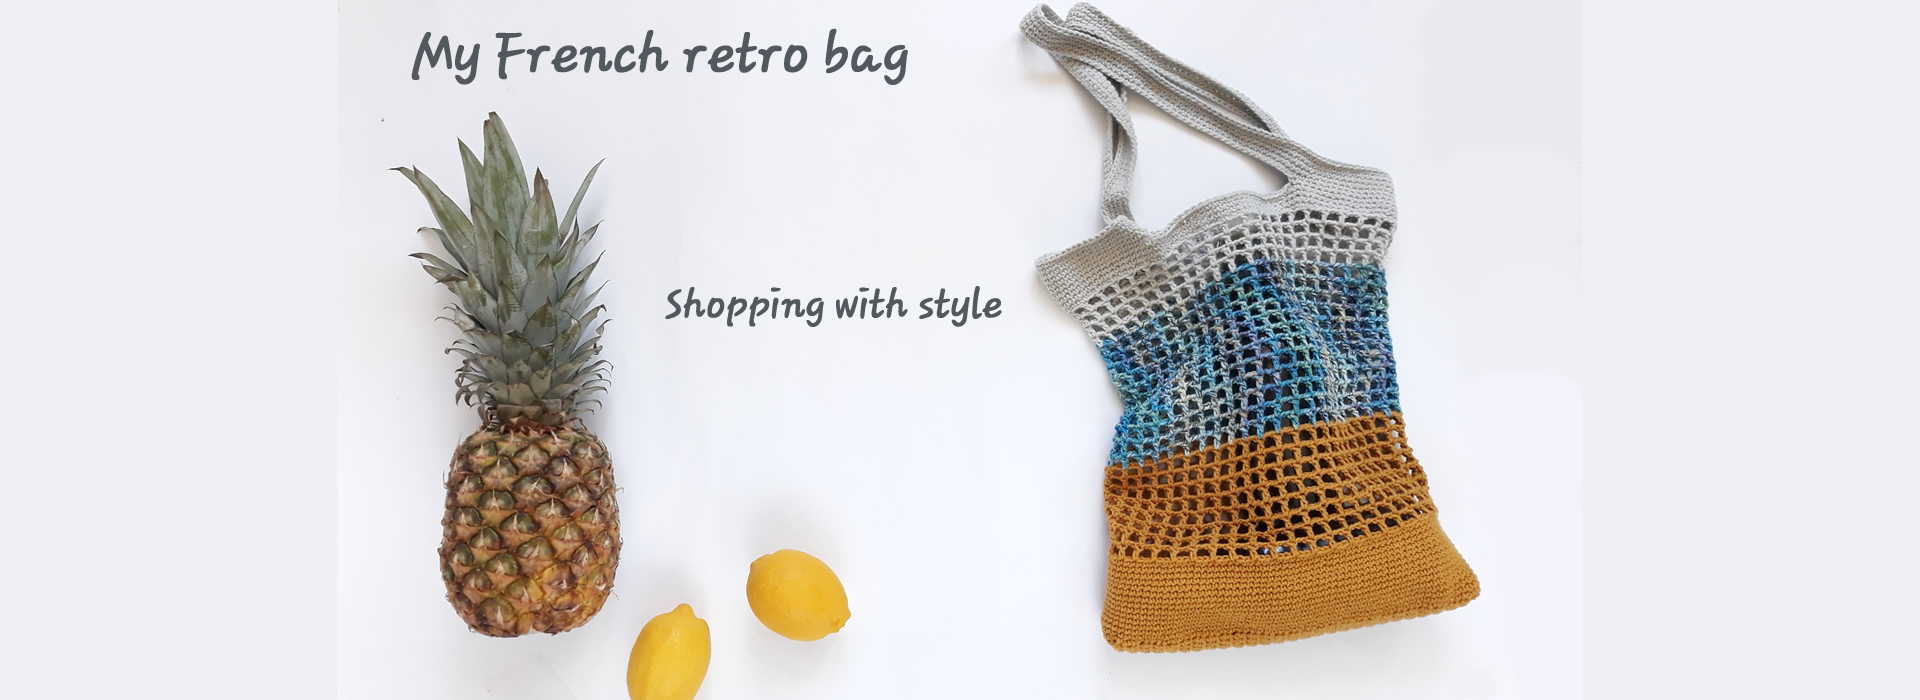 Portobelloknit slide bag 2